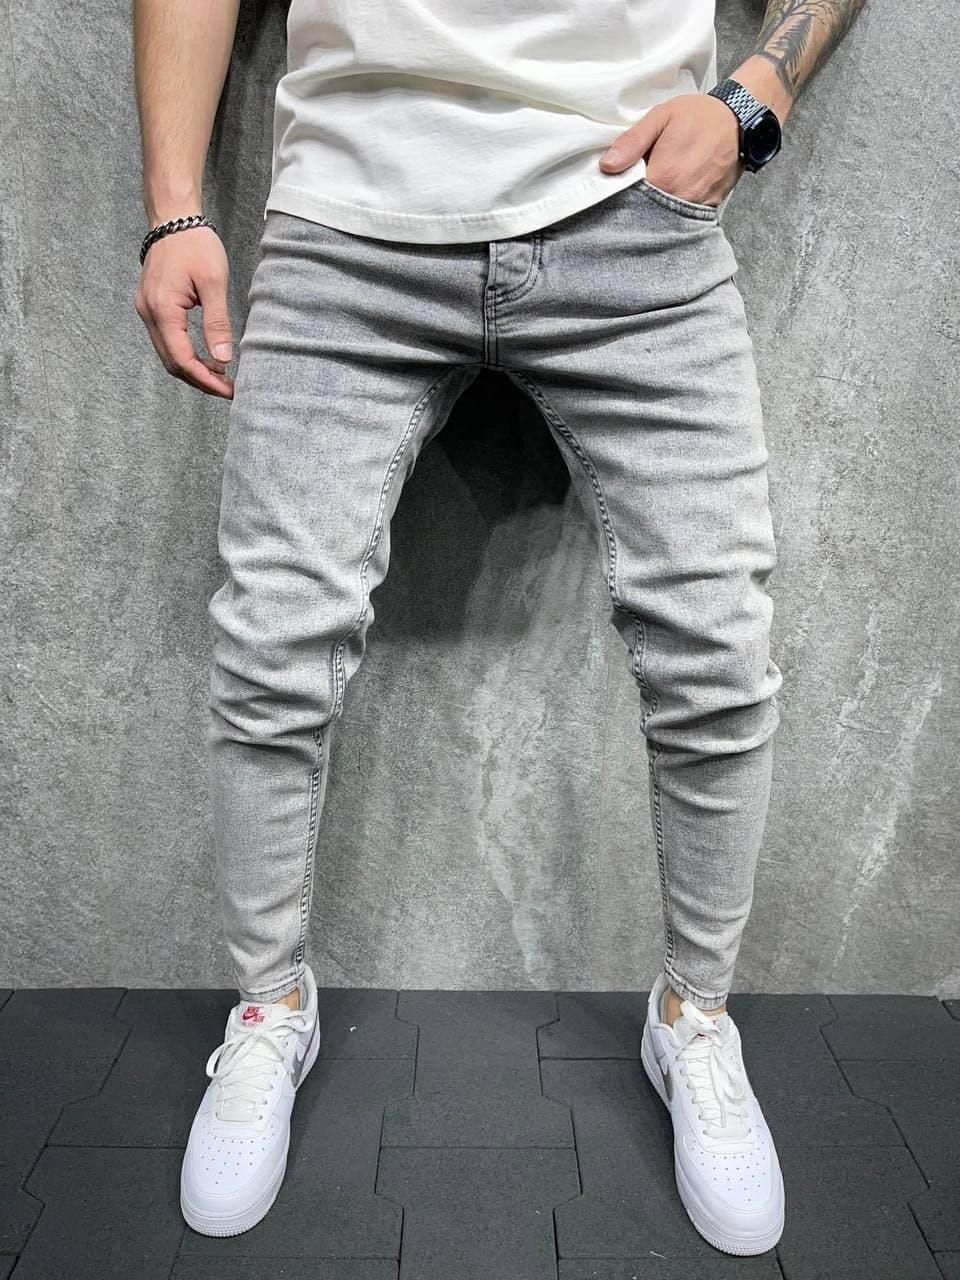 Джинсы - Мужские трендовые джинсы серые / чоловічі трендові джинси сірі світлі